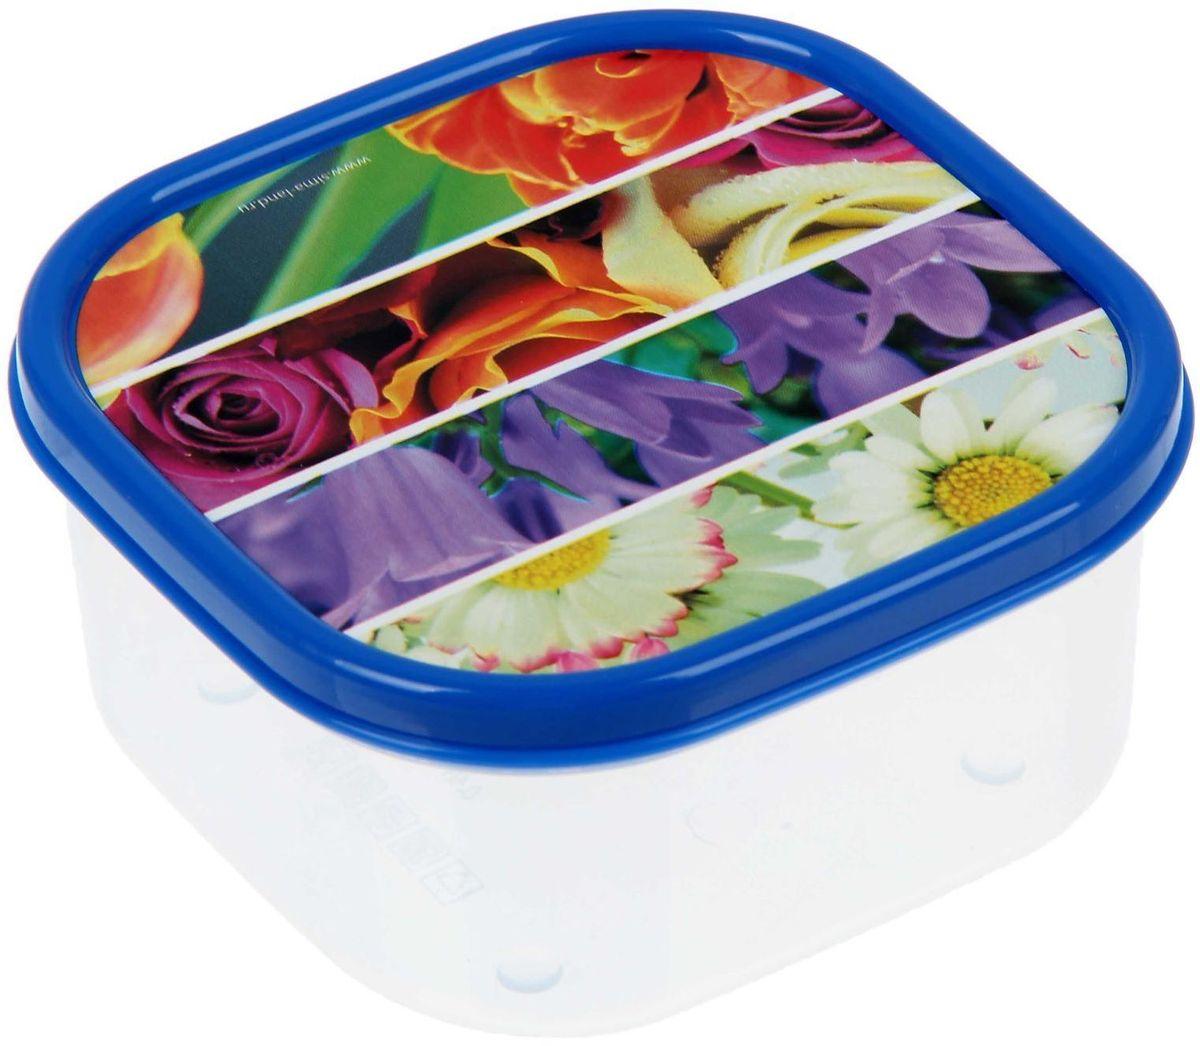 Ланч-бокс Доляна №2, квадратный, 400 мл1333992Если после вкусного обеда осталась еда, а насладиться трапезой хочется и на следующий день, ланч-бокс станет отличным решением данной проблемы!Такой контейнер является незаменимым предметом кухонной утвари, ведь у него много преимуществ:Простота ухода. Ланч-бокс достаточно промыть тёплой водой с небольшим количеством чистящего средства, и он снова готов к использованию.Вместительность. Большой выбор форм и объёма поможет разместить разнообразные продукты от сахара до супов.Эргономичность. Ланч-боксы очень легко хранить даже в самой маленькой кухне, так как их можно поставить один в другой по принципу матрёшки.Многофункциональность. Разнообразие цветов и форм делает возможным использование контейнеров не только на кухне, но и в других областях домашнего быта.Любители приготовления обеда на всю семью в большинстве случаев приобретают ланч-боксы наборами, так как это позволяет рассортировать продукты по всевозможным признакам. К тому же контейнеры среднего размера станут незаменимыми помощниками на работе: ведь что может быть приятнее, чем порадовать себя во время обеда прекрасной едой, заботливо сохранённой в контейнере?В качестве материала для изготовления используется пластик, что делает процесс ухода за контейнером ещё более эффективным. К каждому ланч-боксу в комплекте также прилагается крышка подходящего размера, это позволяет плотно и надёжно удерживать запах еды и упрощает процесс транспортировки.Однако рекомендуется соблюдать и меры предосторожности: не использовать пластиковые контейнеры в духовых шкафах и на открытом огне, а также не разогревать в микроволновых печах при закрытой крышке ланч-бокса. Соблюдение мер безопасности позволит продлить срок эксплуатации и сохранить отличный внешний вид изделия.Эргономичный дизайн и многофункциональность таких контейнеров — вот, что является причиной большой популярности данного предмета у каждой хозяйки. А в преддверии лета и дачного сезона такое приобретение позволит под